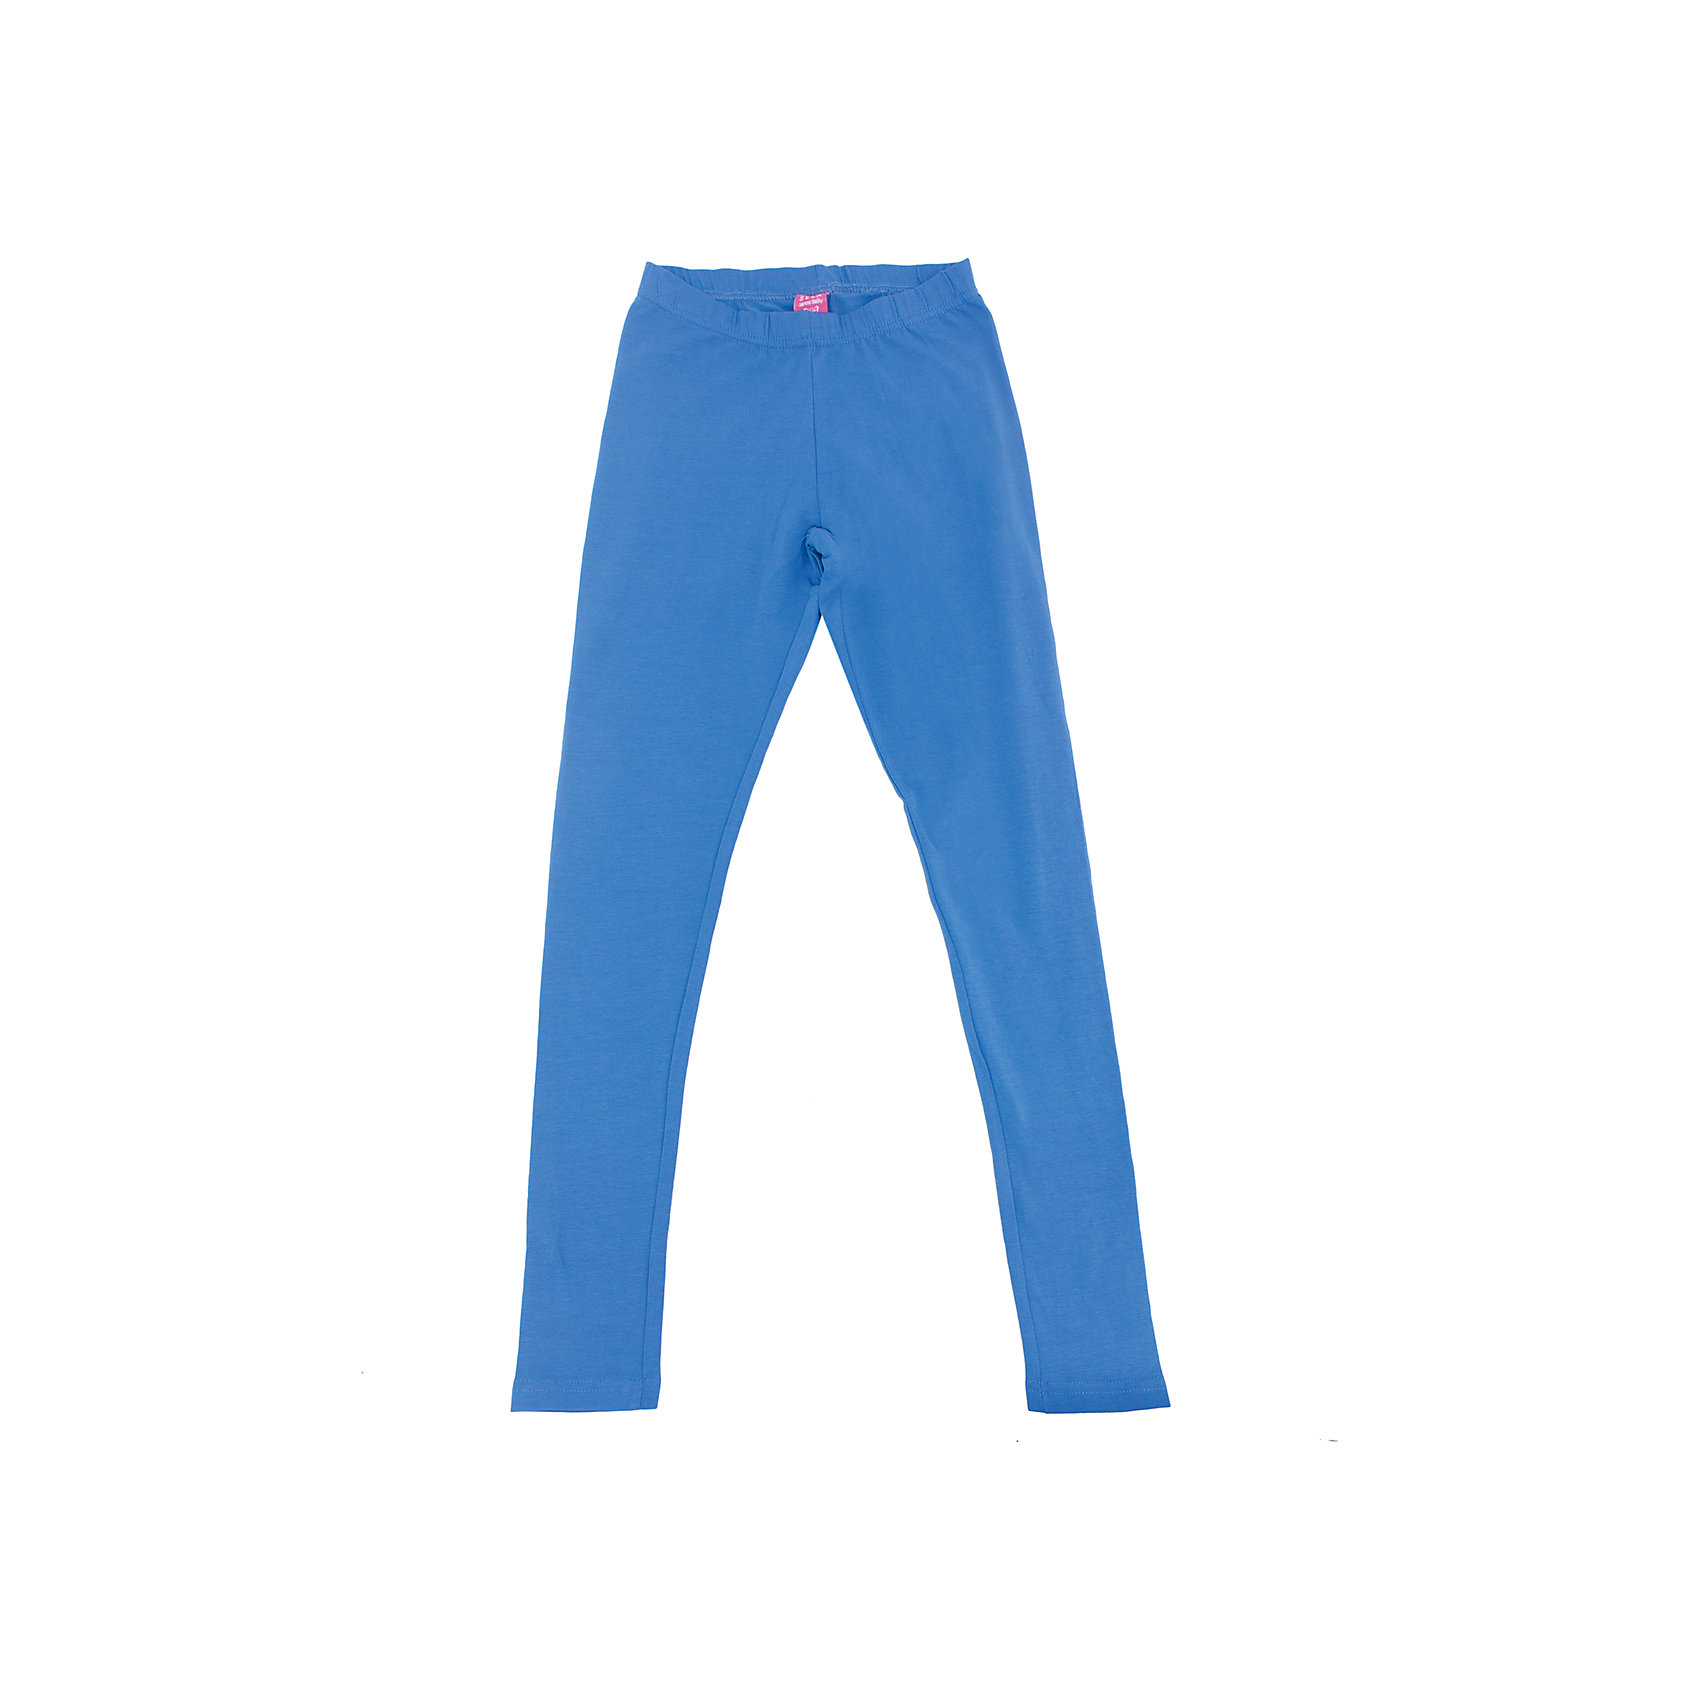 Леггинсы для девочки SELAХарактеристики товара:<br><br>• цвет: голубой<br>• состав: 95% хлопок, 5% эластан<br>• эластичный материал<br>• однотонные<br>• пояс: мягкая резинка <br>• коллекция весна-лето 2017<br>• страна бренда: Российская Федерация<br><br>Вещи из новой коллекции SELA продолжают радовать удобством! Симпатичные леггинсы для девочки помогут разнообразить гардероб и обеспечить комфорт. Они отлично сочетаются с майками, футболками, куртками. В составе материала - натуральный хлопок.<br><br>Одежда, обувь и аксессуары от российского бренда SELA не зря пользуются большой популярностью у детей и взрослых! Модели этой марки - стильные и удобные, цена при этом неизменно остается доступной. Для их производства используются только безопасные, качественные материалы и фурнитура. Новая коллекция поддерживает хорошие традиции бренда! <br><br>Леггинсы для девочки от популярного бренда SELA (СЕЛА) можно купить в нашем интернет-магазине.<br><br>Ширина мм: 215<br>Глубина мм: 88<br>Высота мм: 191<br>Вес г: 336<br>Цвет: синий<br>Возраст от месяцев: 96<br>Возраст до месяцев: 108<br>Пол: Женский<br>Возраст: Детский<br>Размер: 134,140,146,152,116,122,128<br>SKU: 5302503